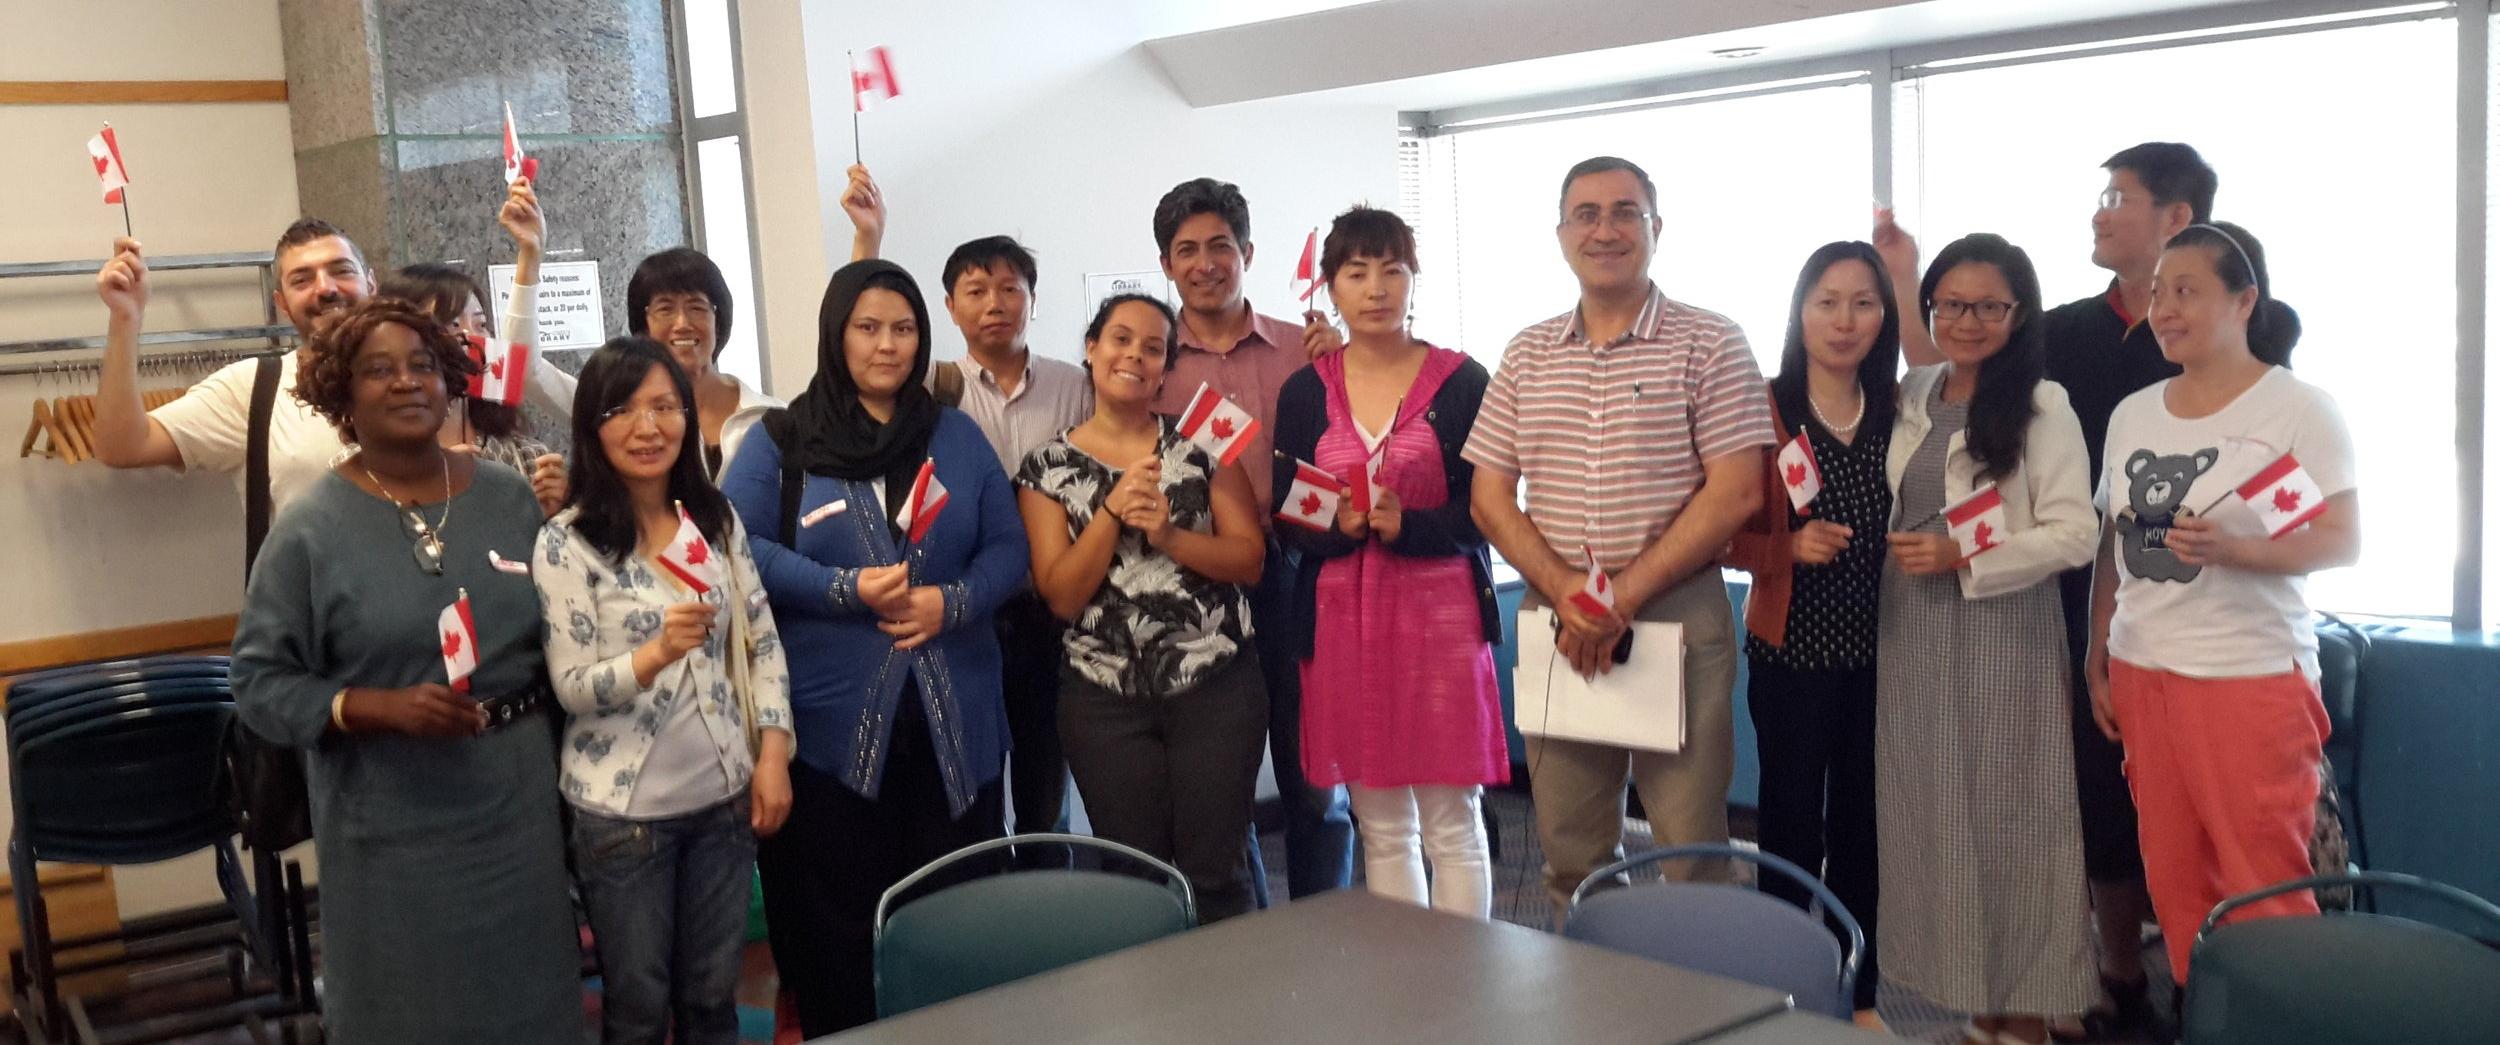 Citizenship Preparation program participants